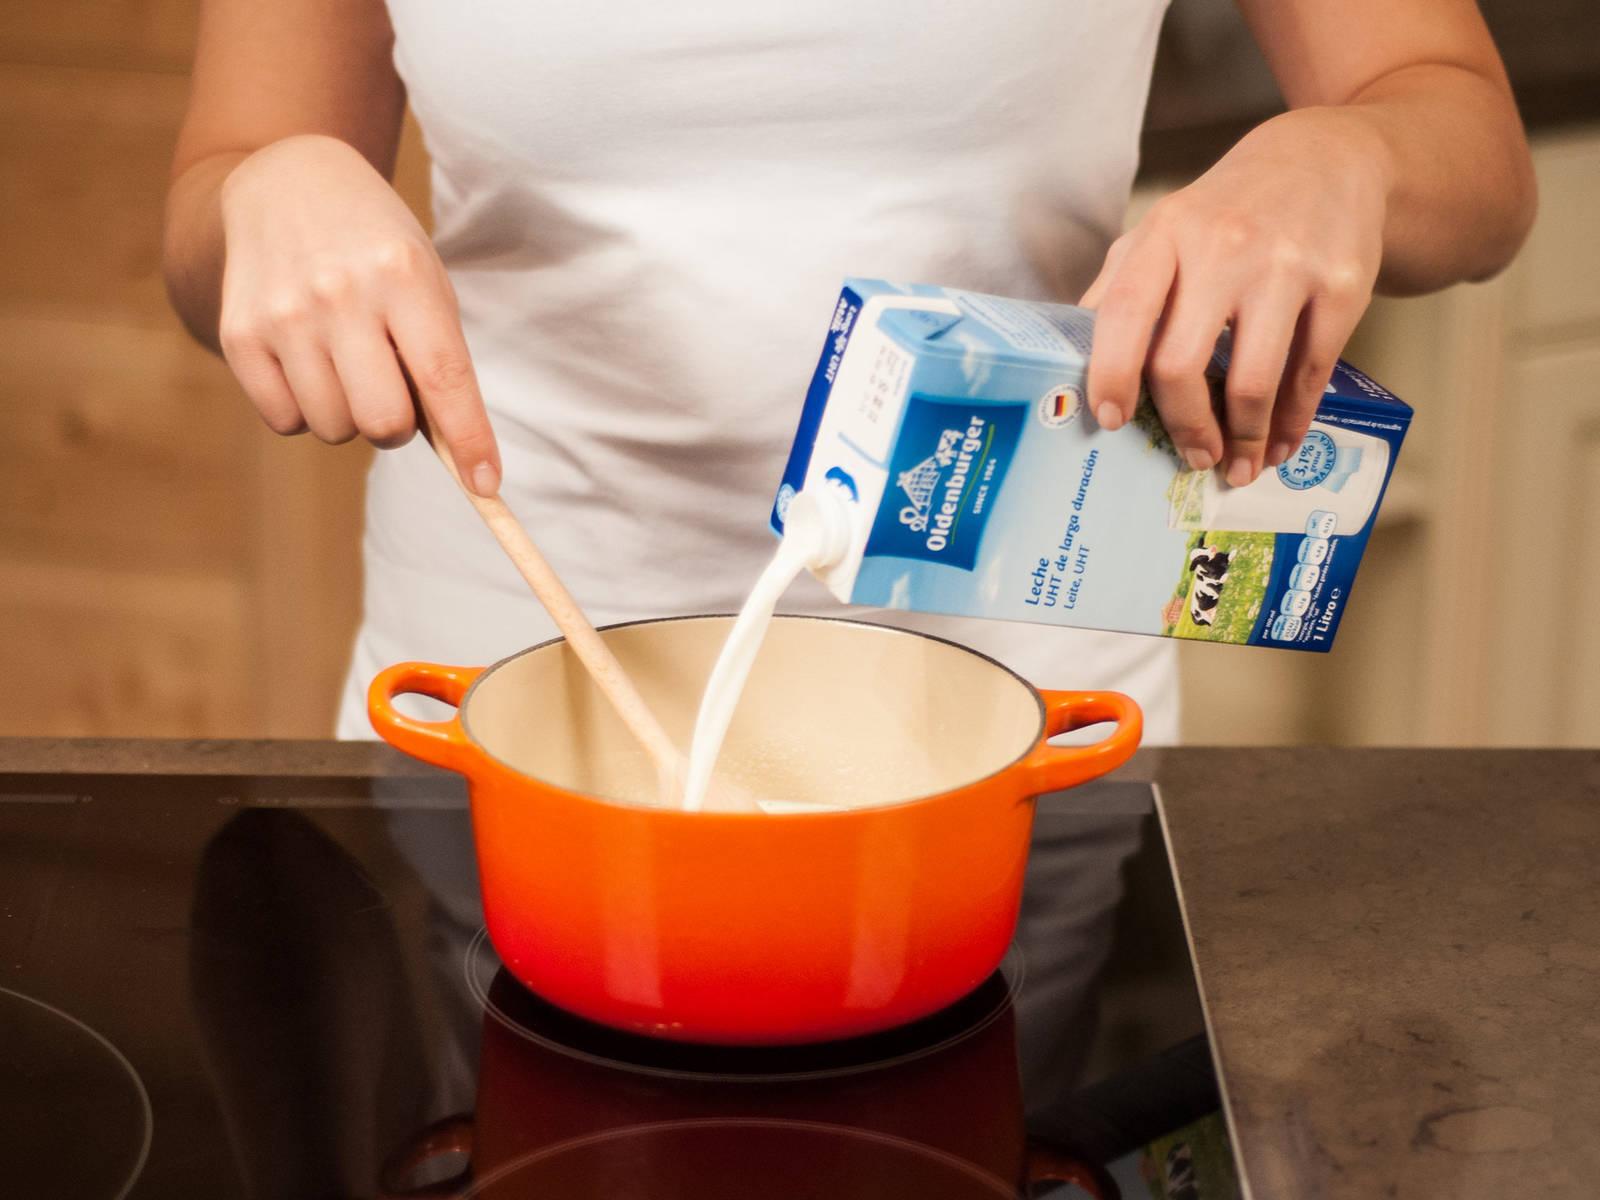 将烤箱预热至180摄氏度。将部分黄油、浓缩咖啡、蜂蜜和牛奶放入锅中。慢火加热至黄油融化。